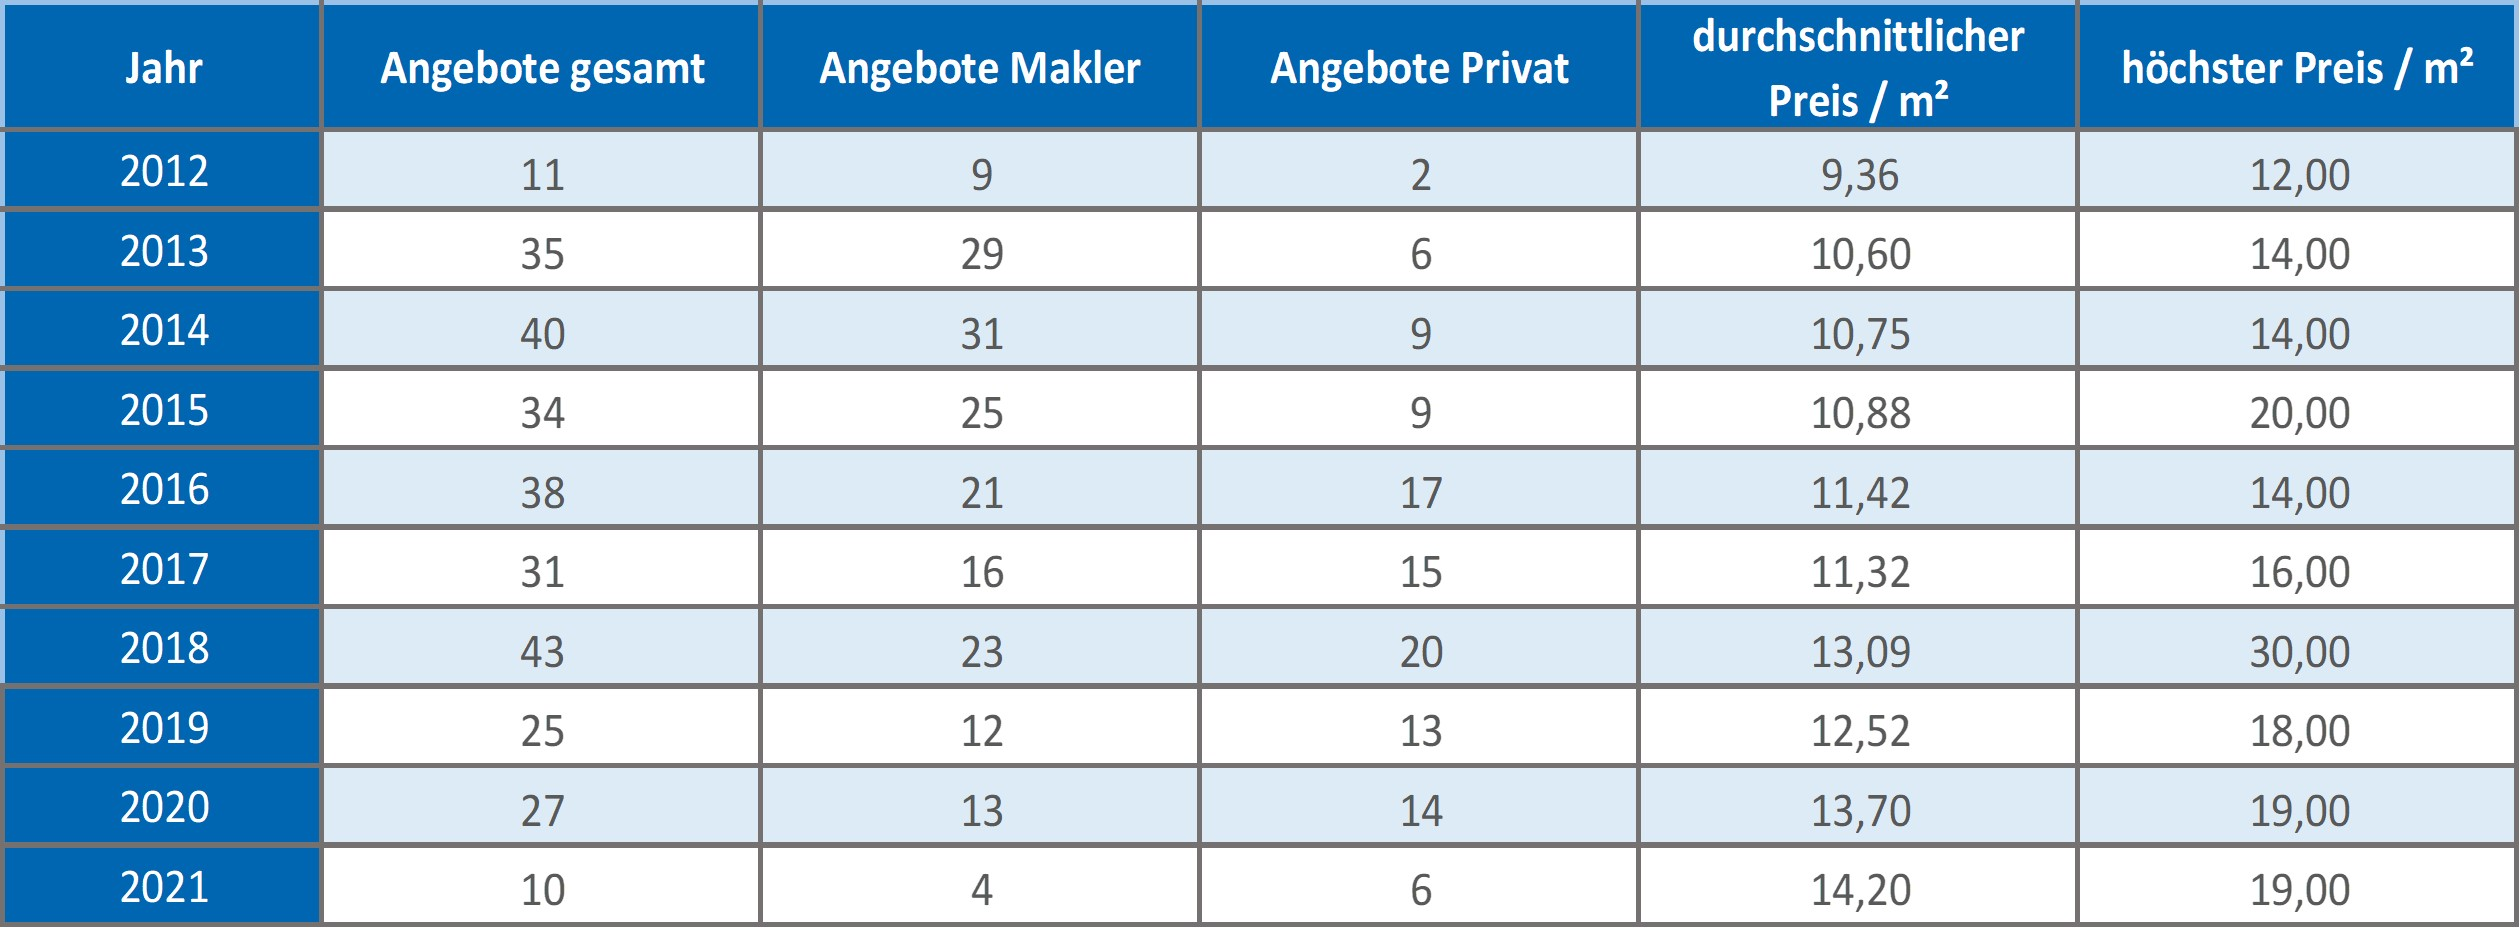 Zorneding Wohnung mieten vermieten Preis Bewertung Makler www.happy-immo.de 2019 2020 2021